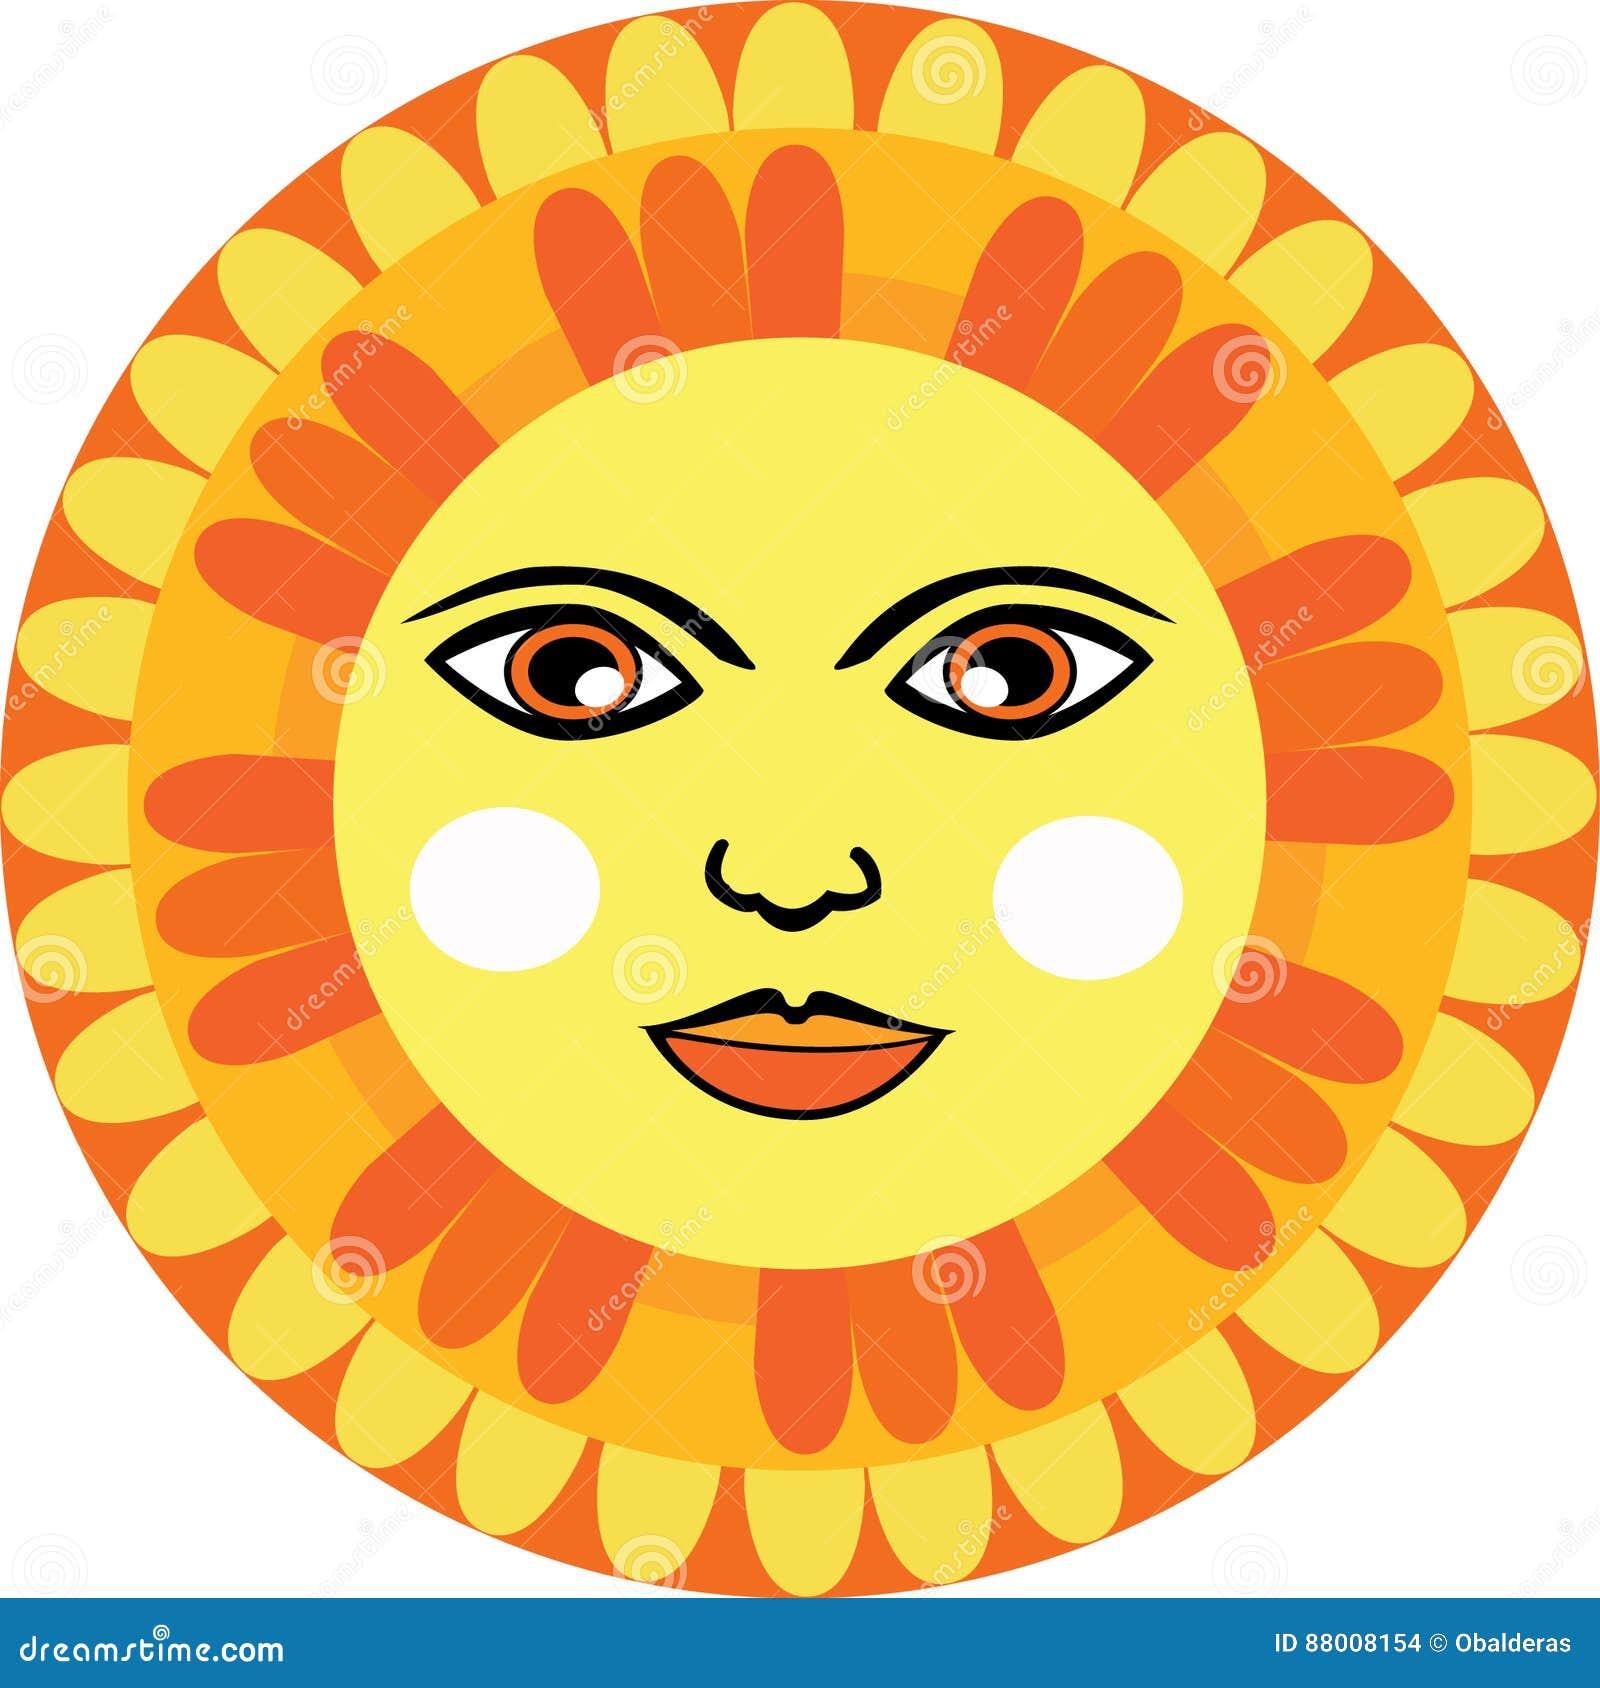 Mexican Sun face stock vector. Illustration of mexico - 88008154